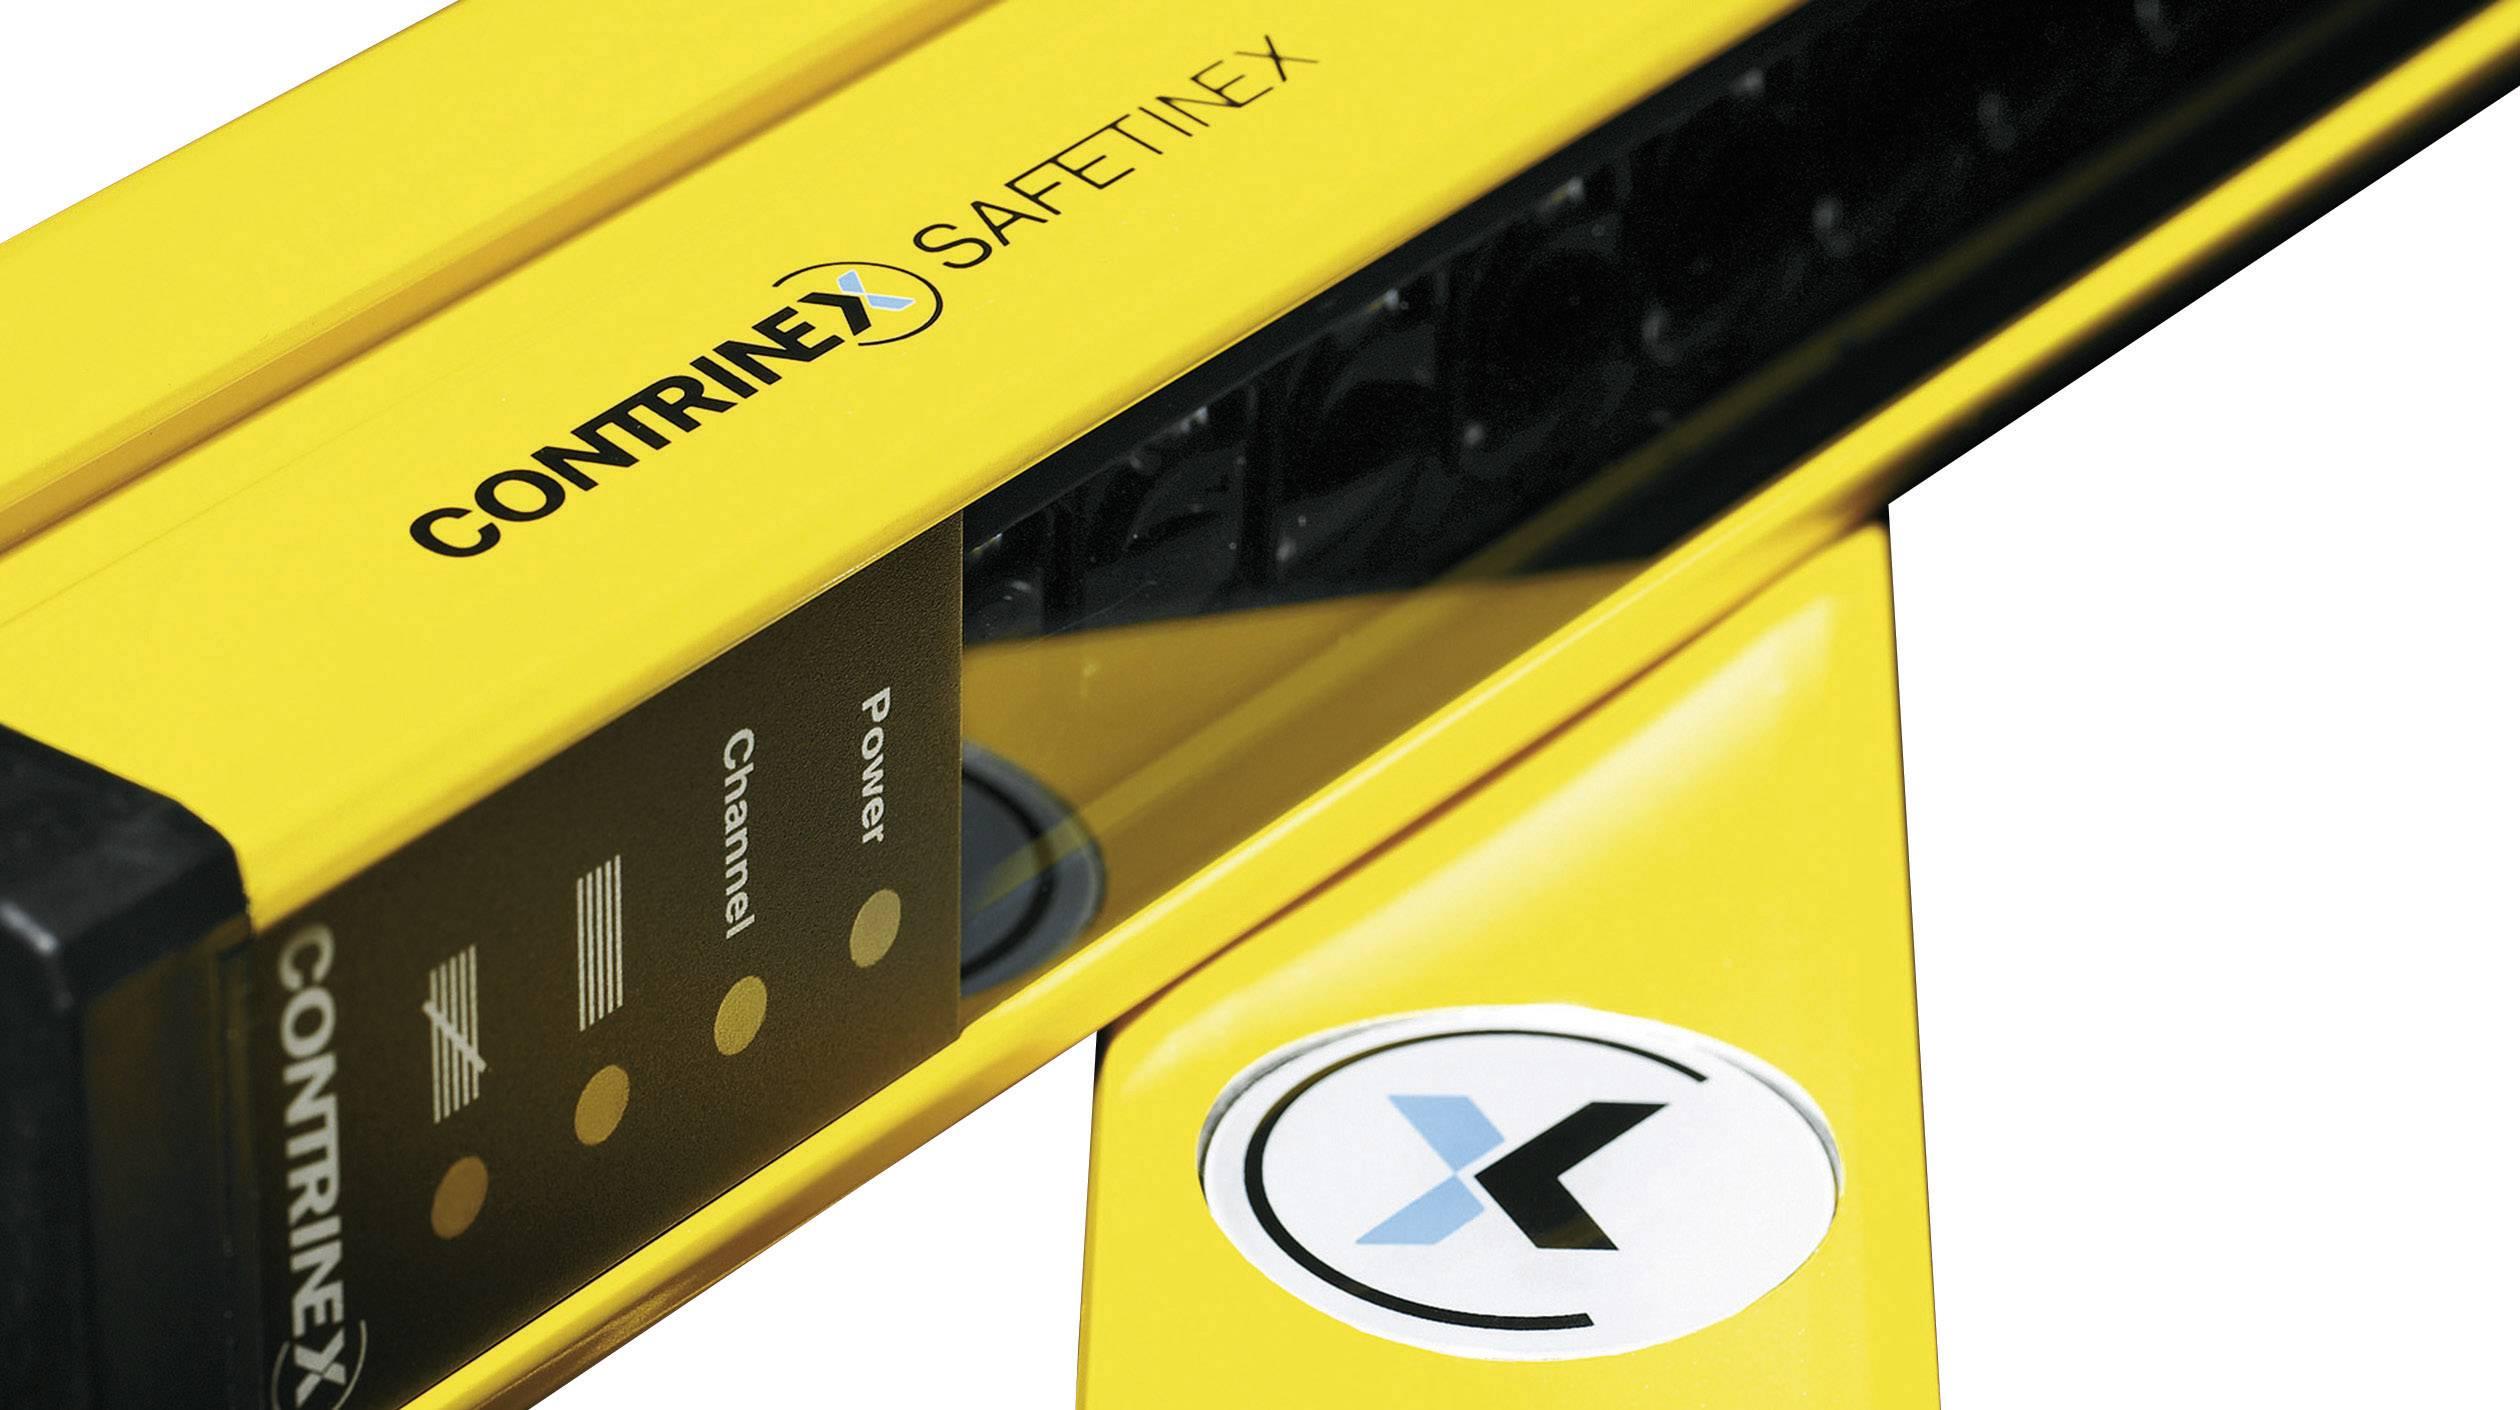 Bezpečnostní světelná závora pro ochranu rukou Contrinex YBB-30S4-1600-G012 630 000 596